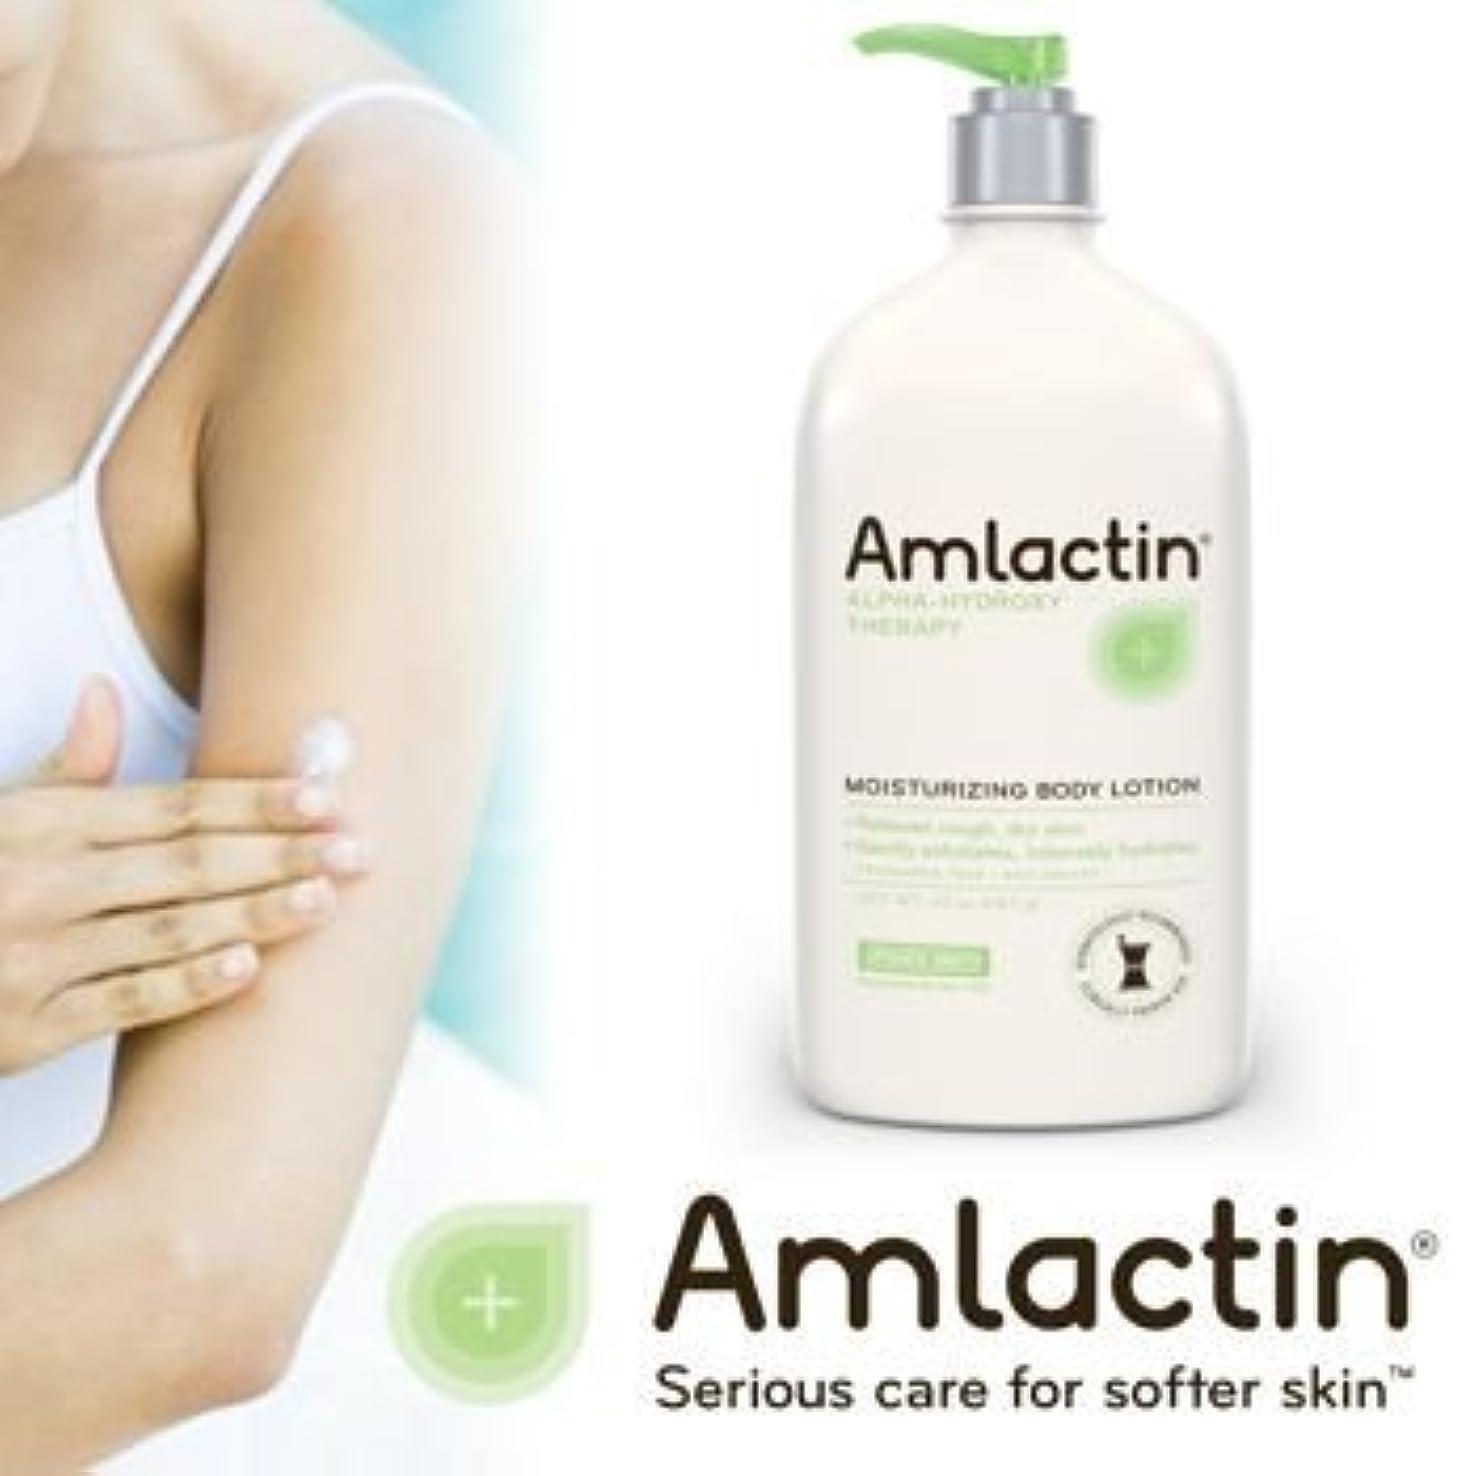 世辞バー感謝祭アムラクティン 保湿液 (乾燥肌のため) - 12% 乳酸 - AmLactin 12 % Moisturizing Lotion - 500 g / 17.6 oz (Product packaging may vary)